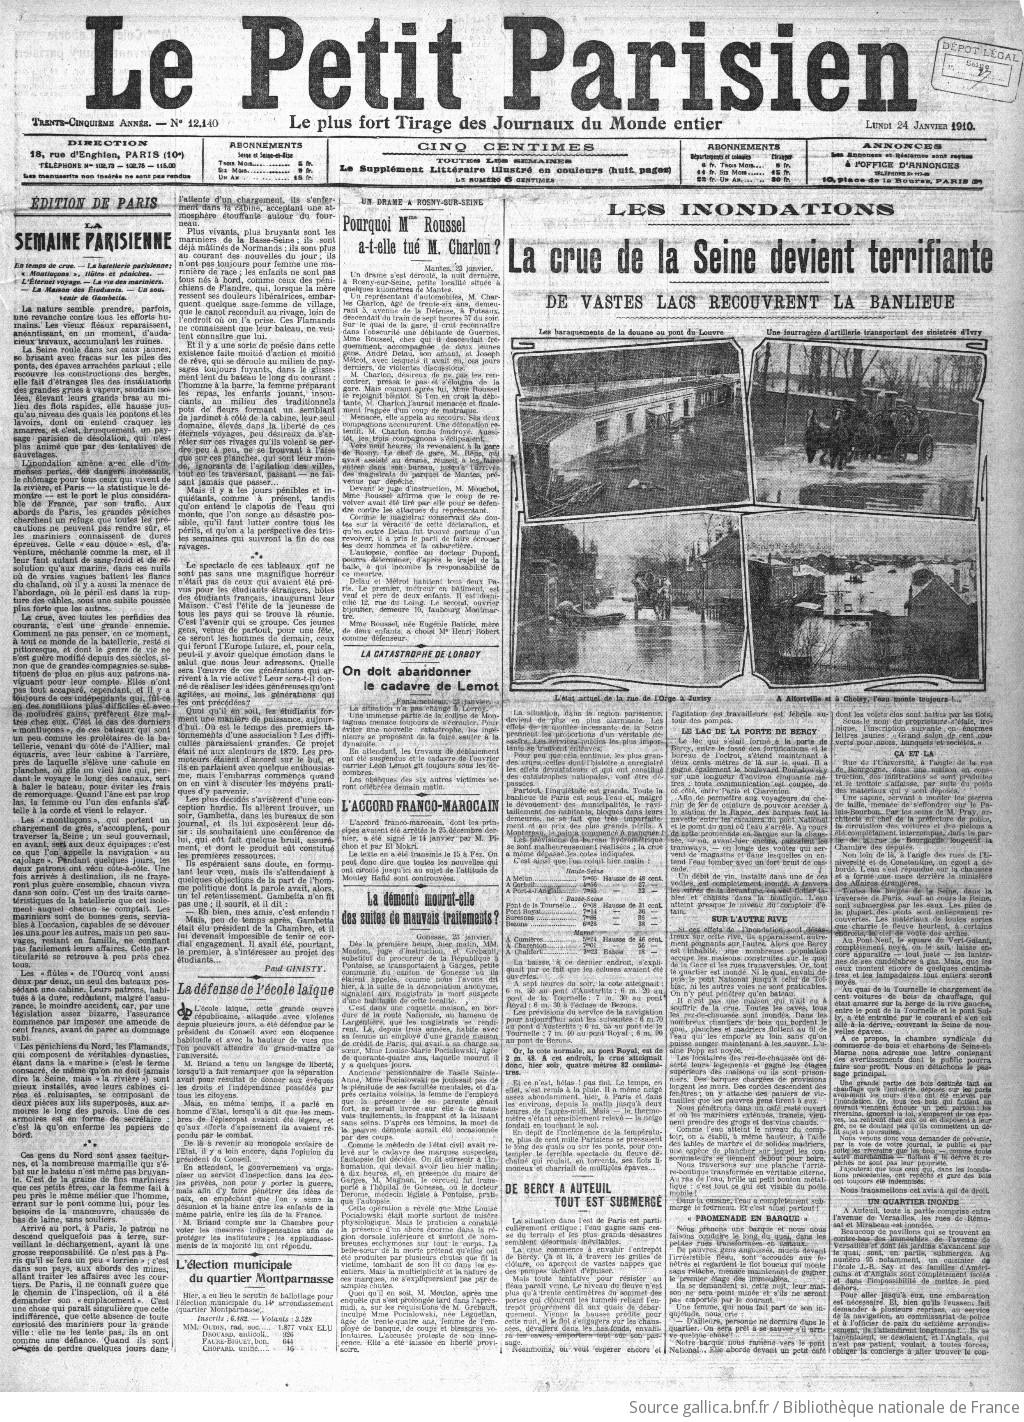 Le Petit Parisien : journal quotidien du soir | 1910-01-24 | Gallica